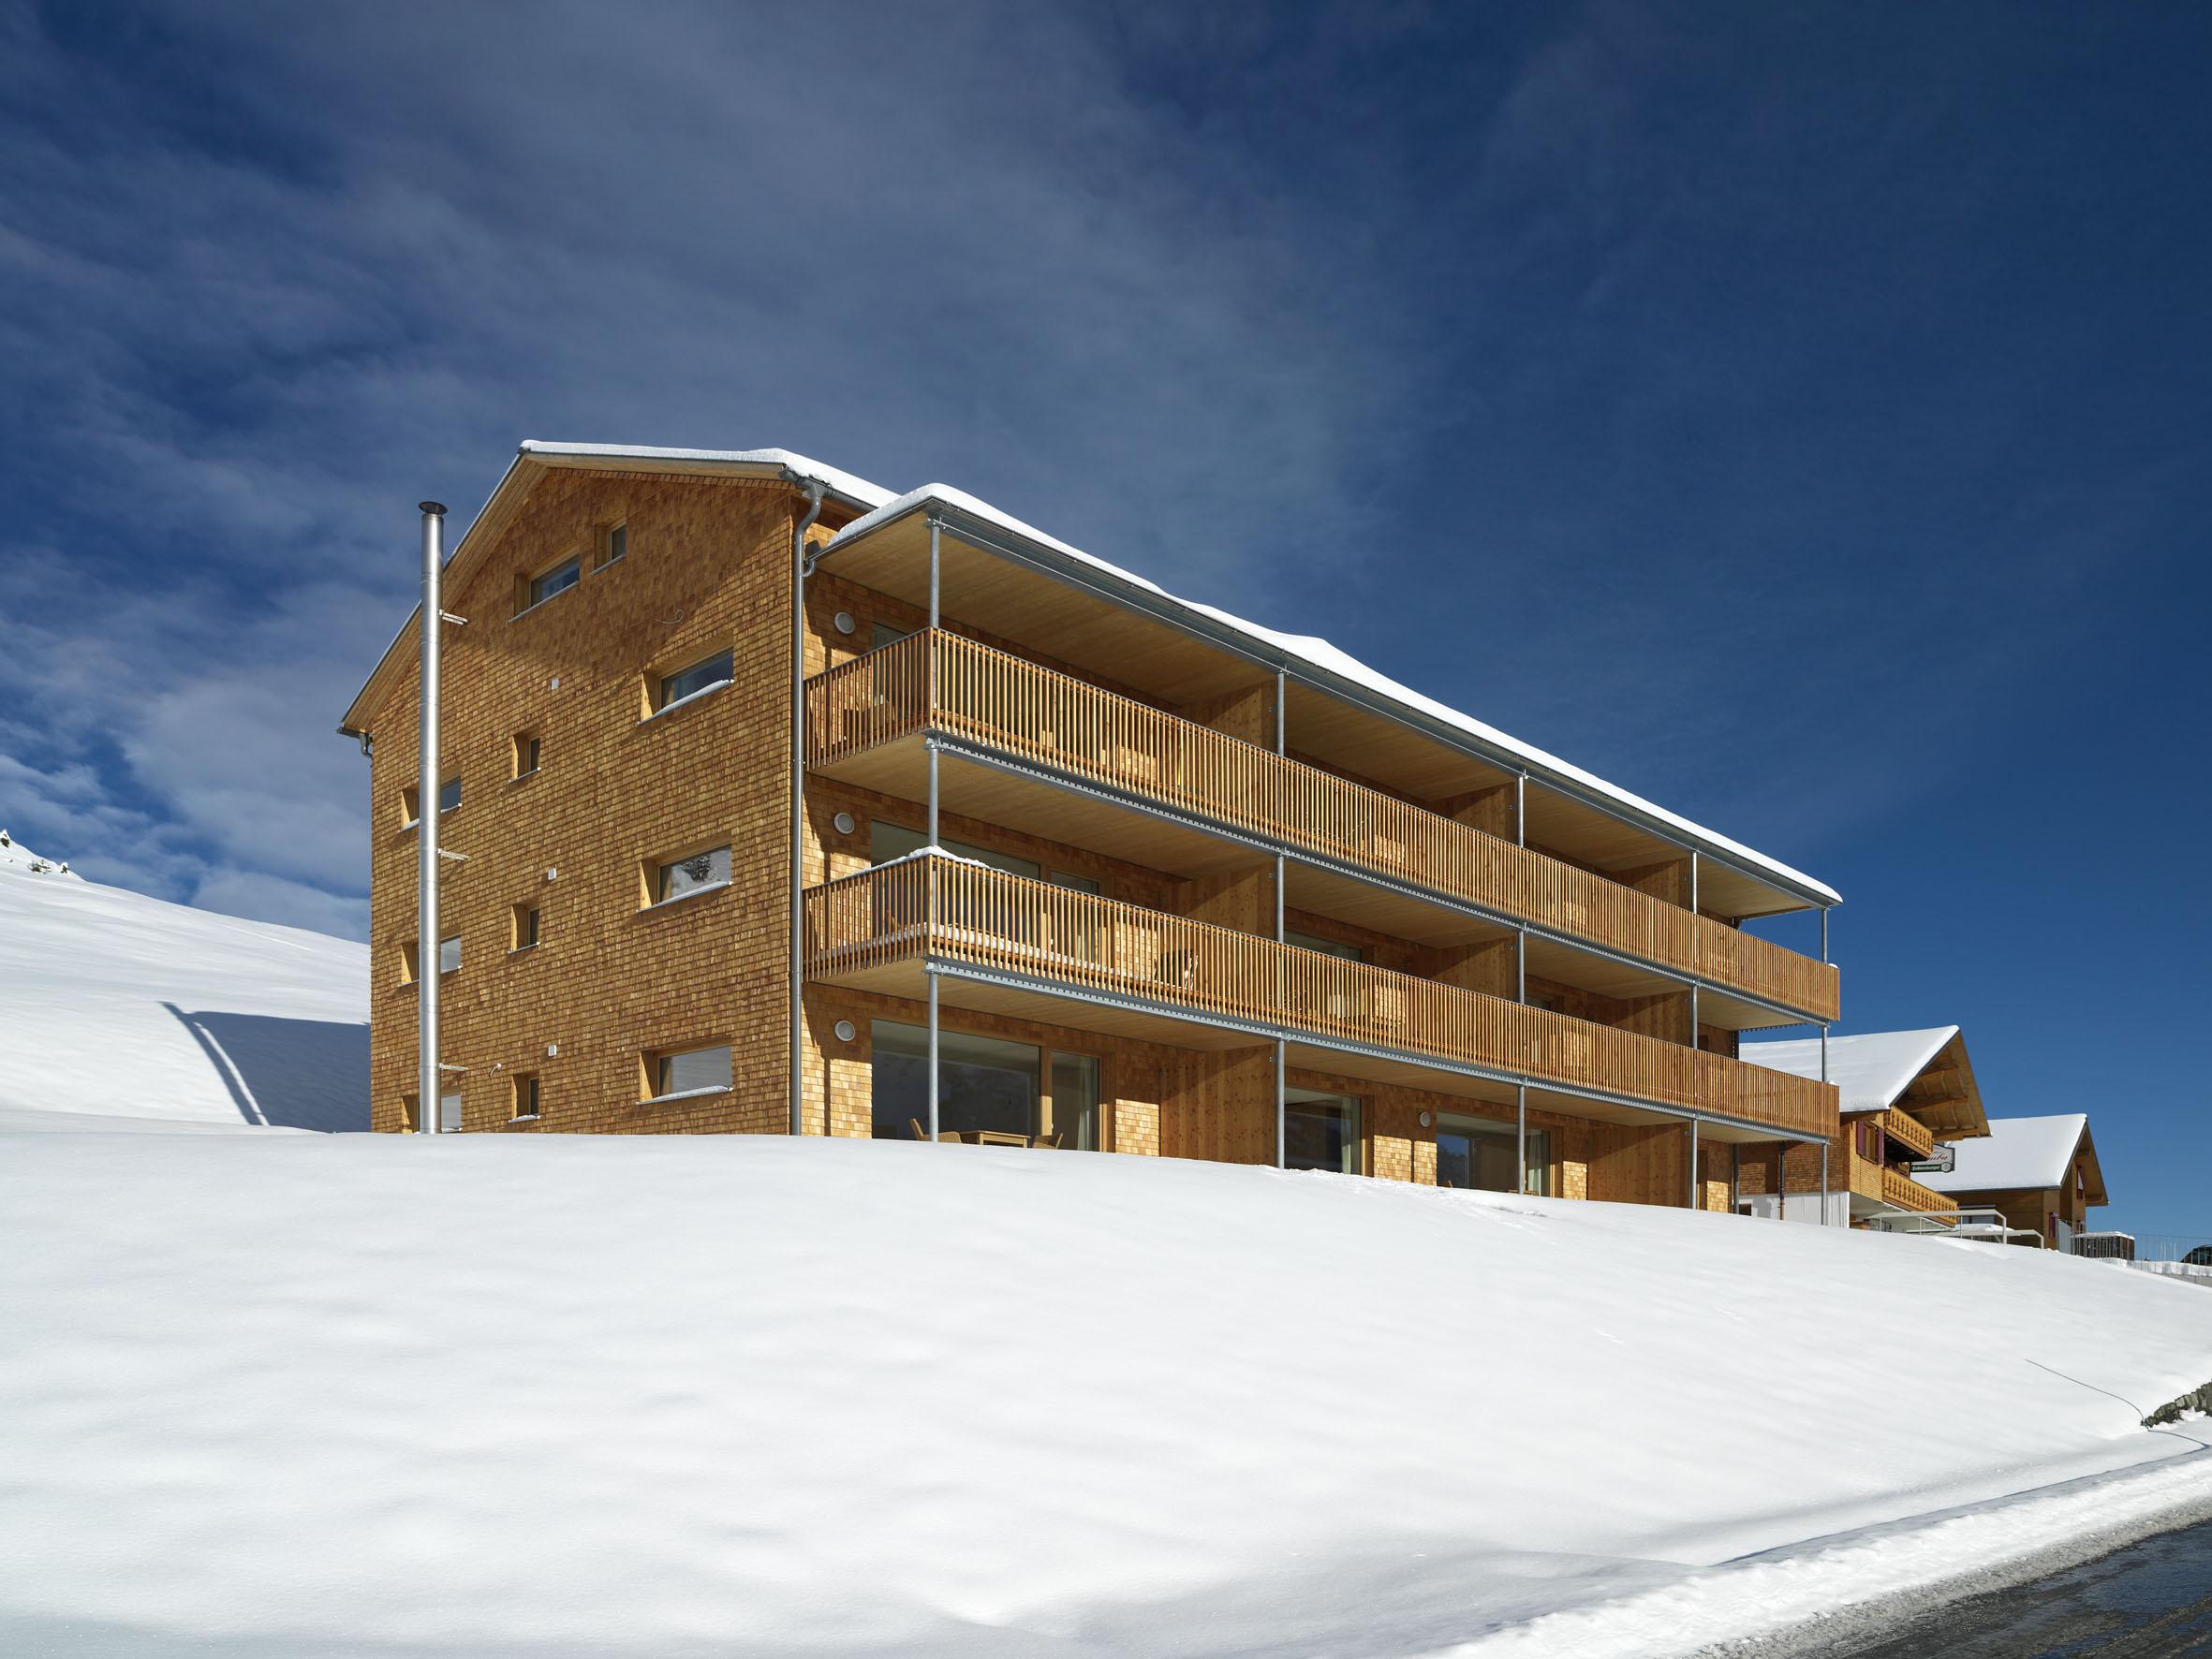 Appartementhaus Schesaplana